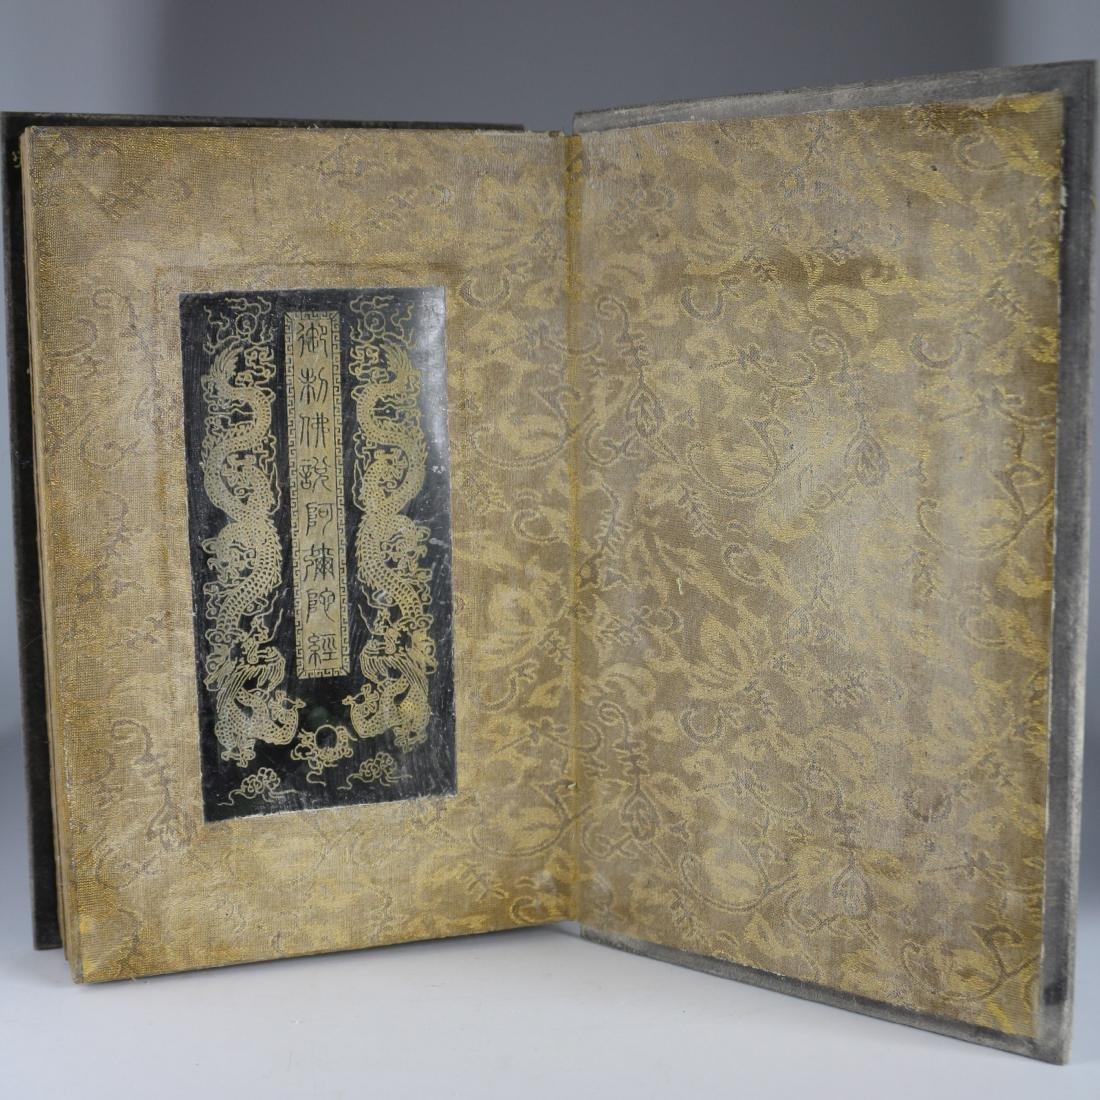 QIANLONG YUZHI MARK DIAMOND SUTRA BOOK - 4